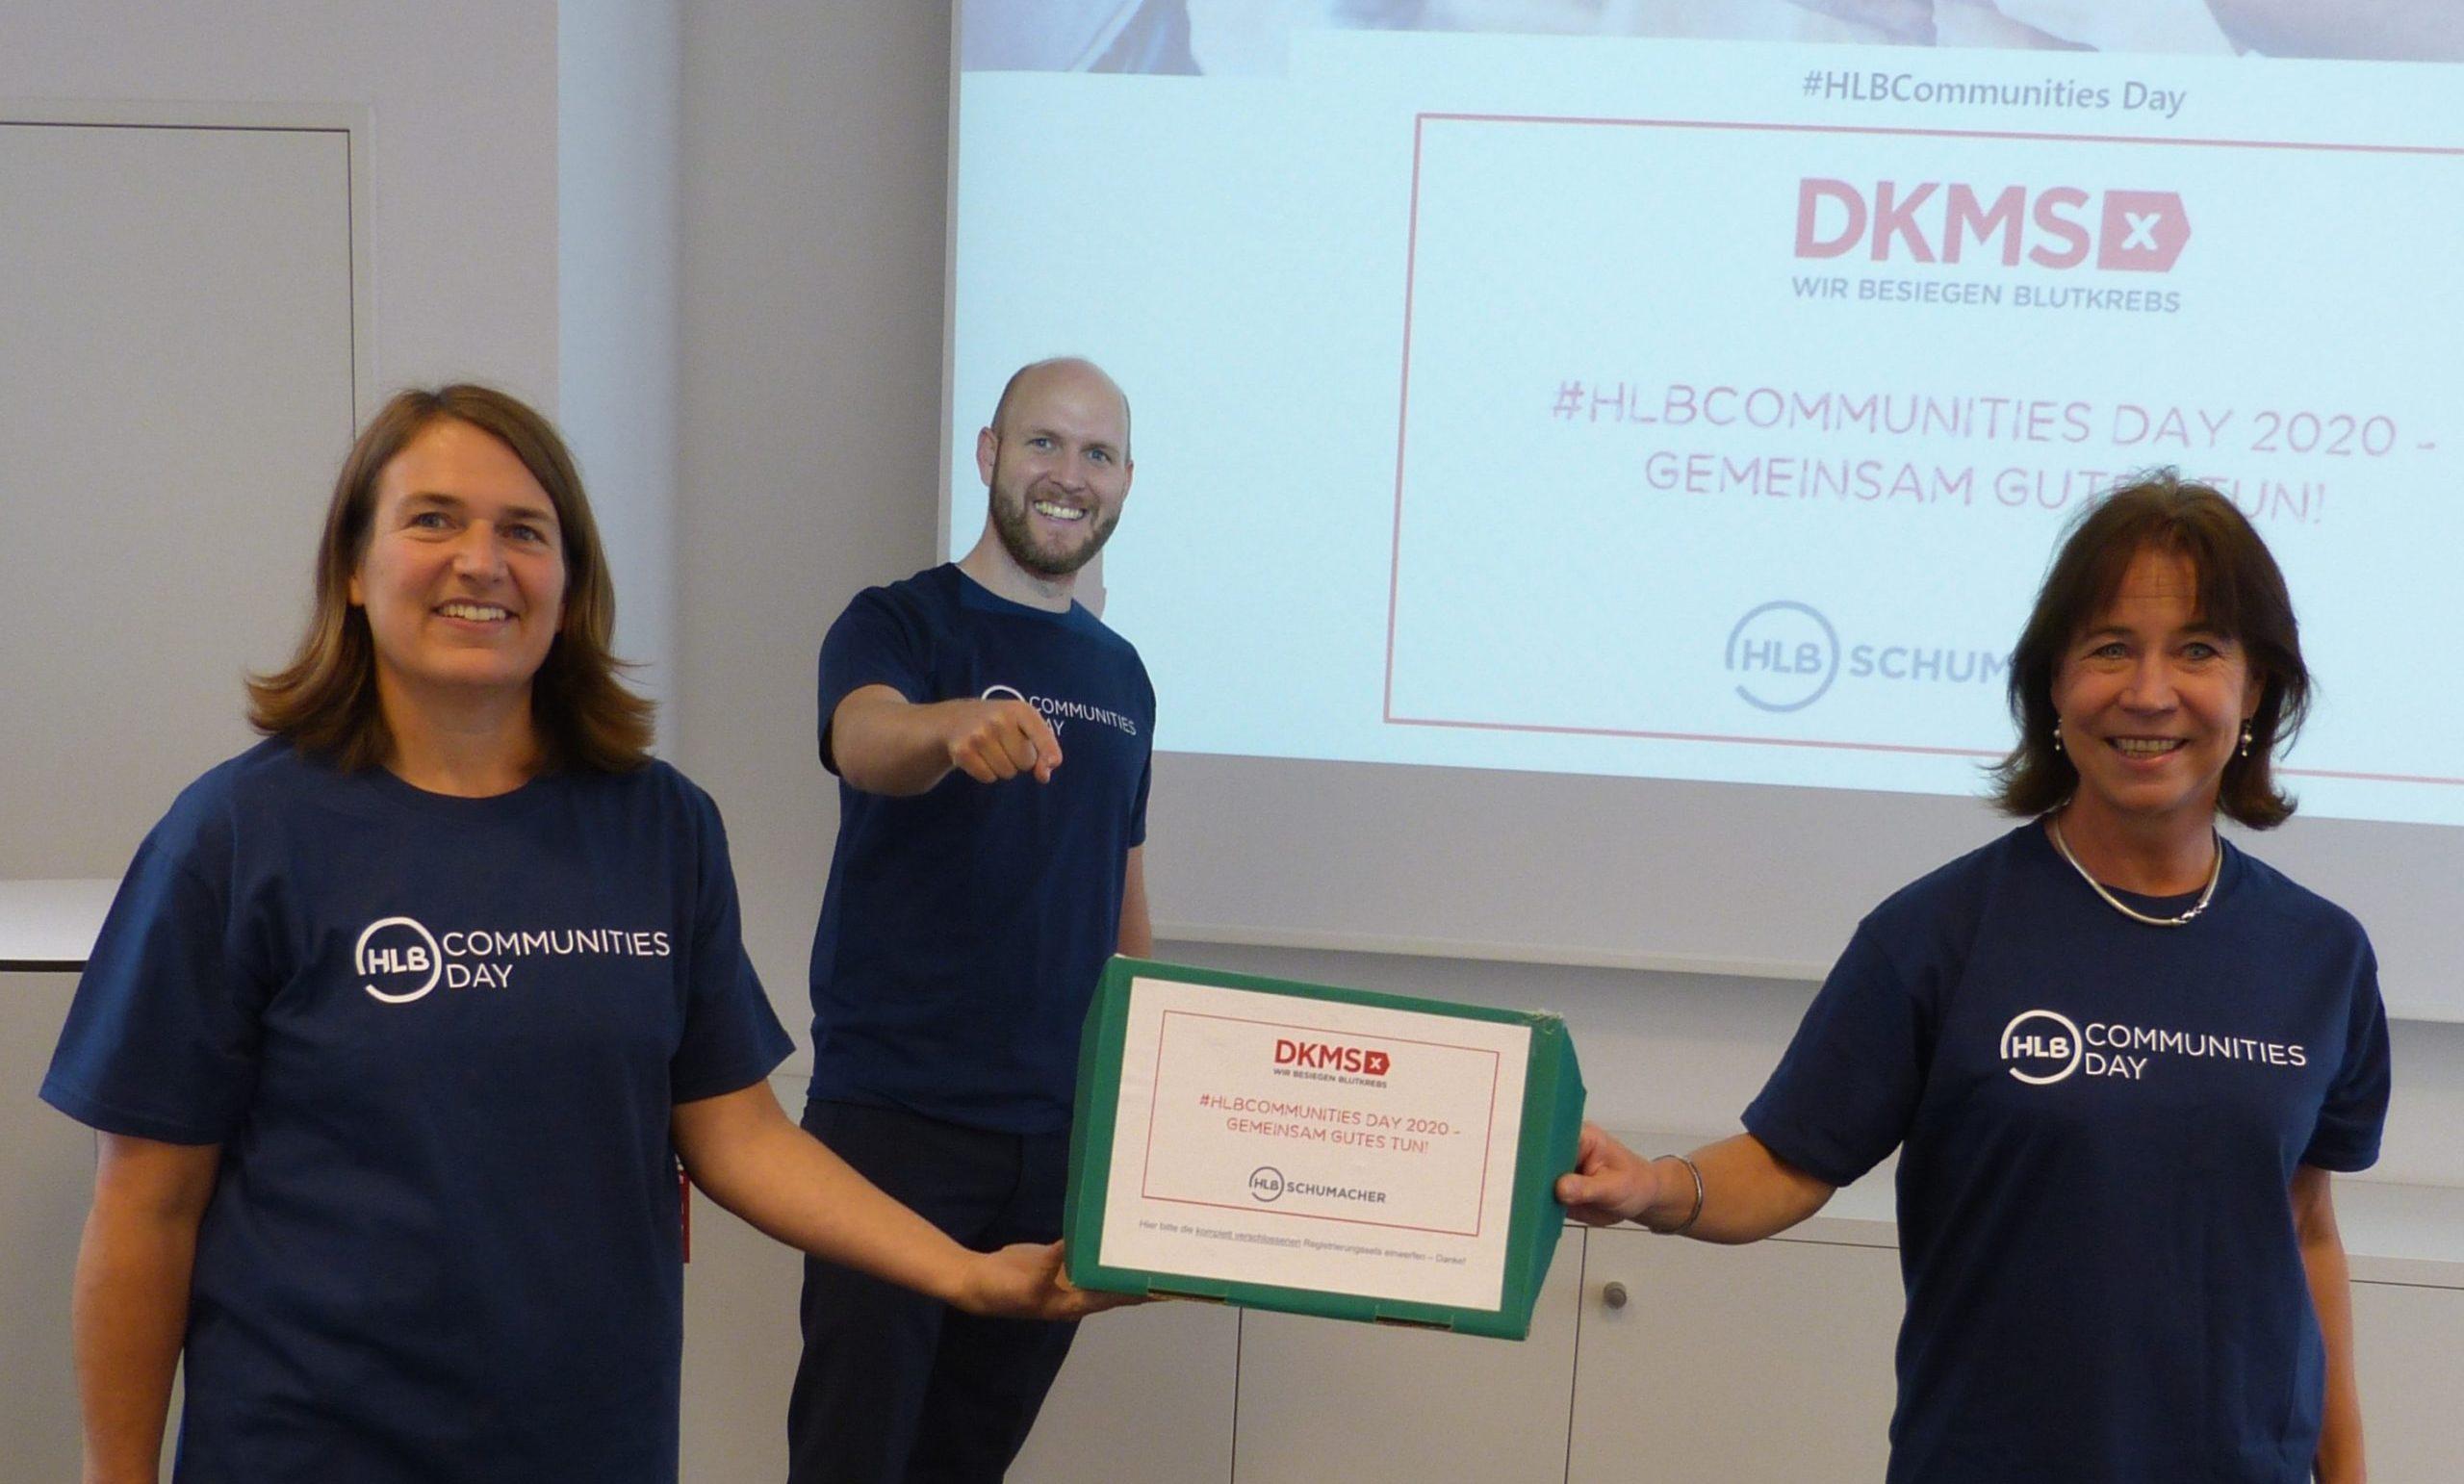 DKMS HLB Communities Day Gemeinnütziges Projekt